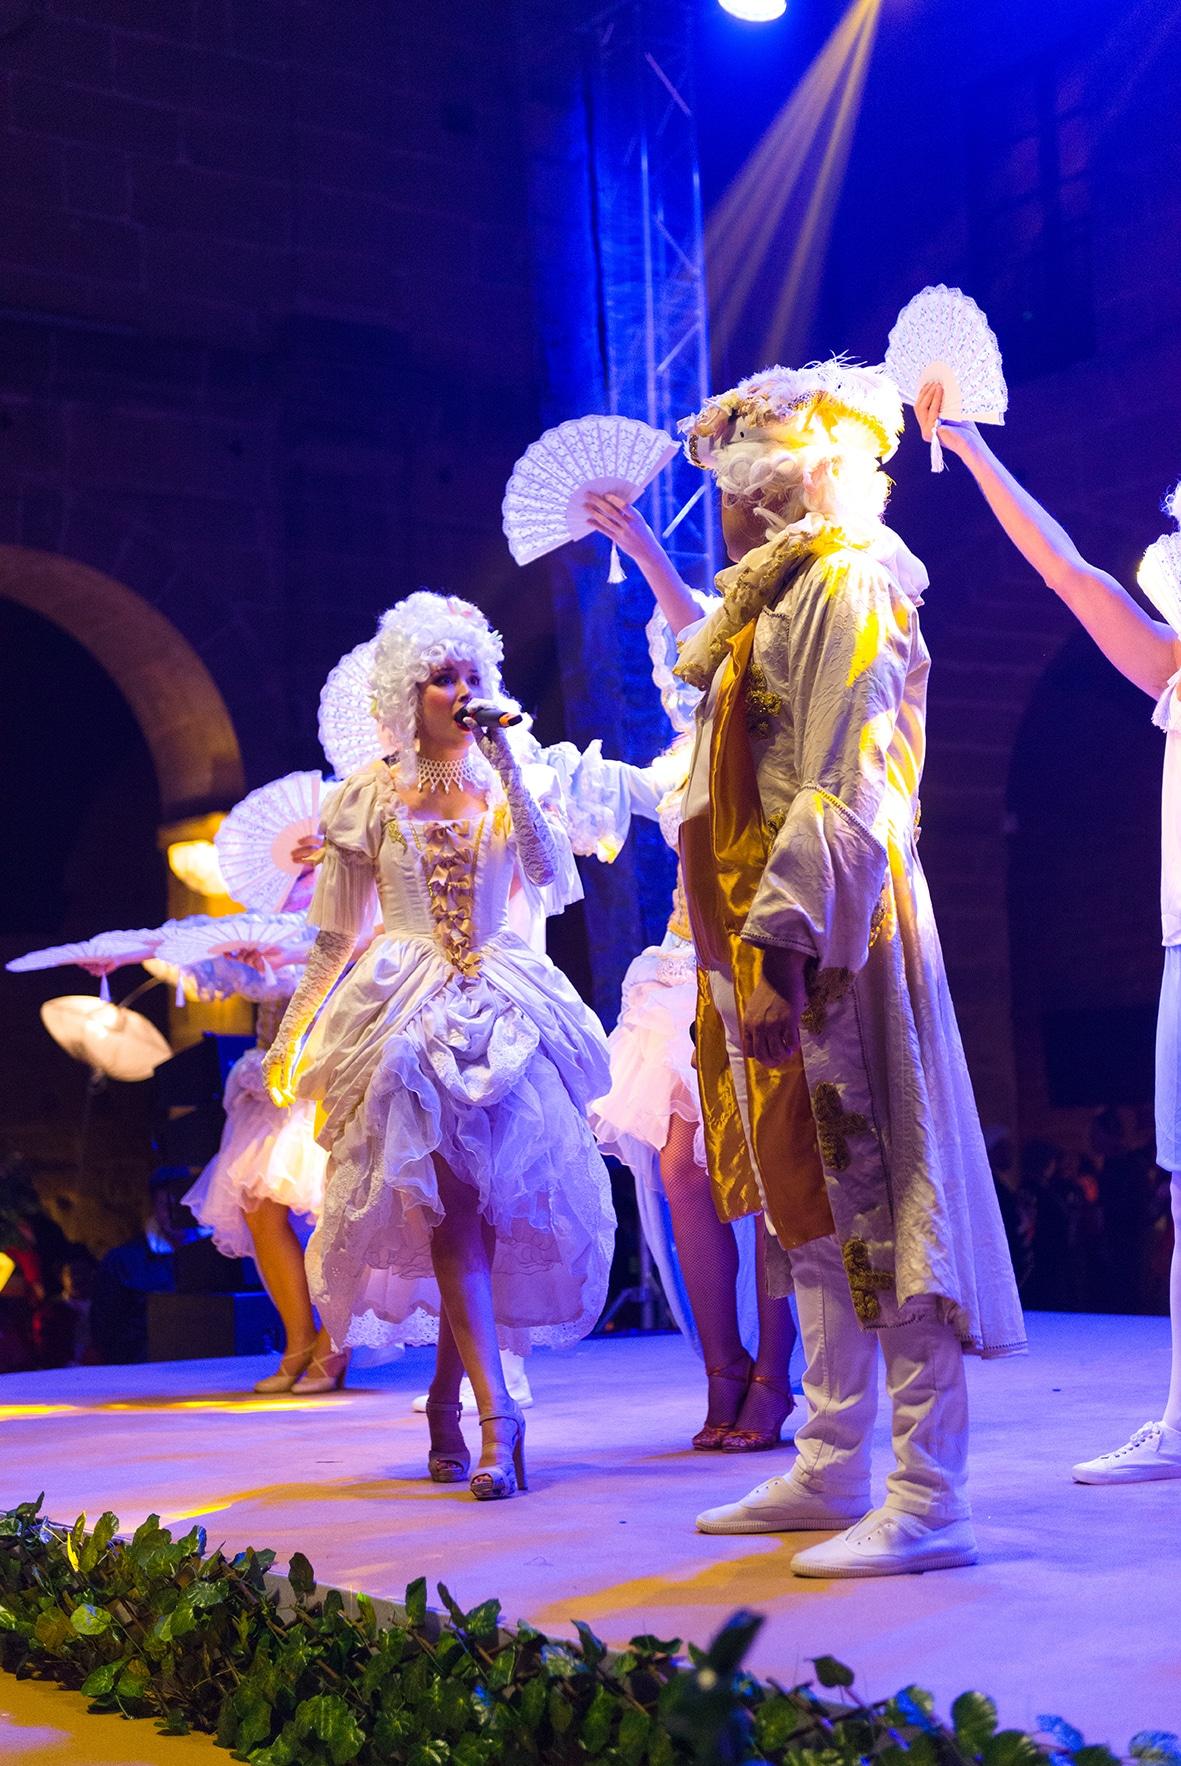 El Siglo de las Luces alumbra una nueva edición del Carnaval del Vino de Haro 22